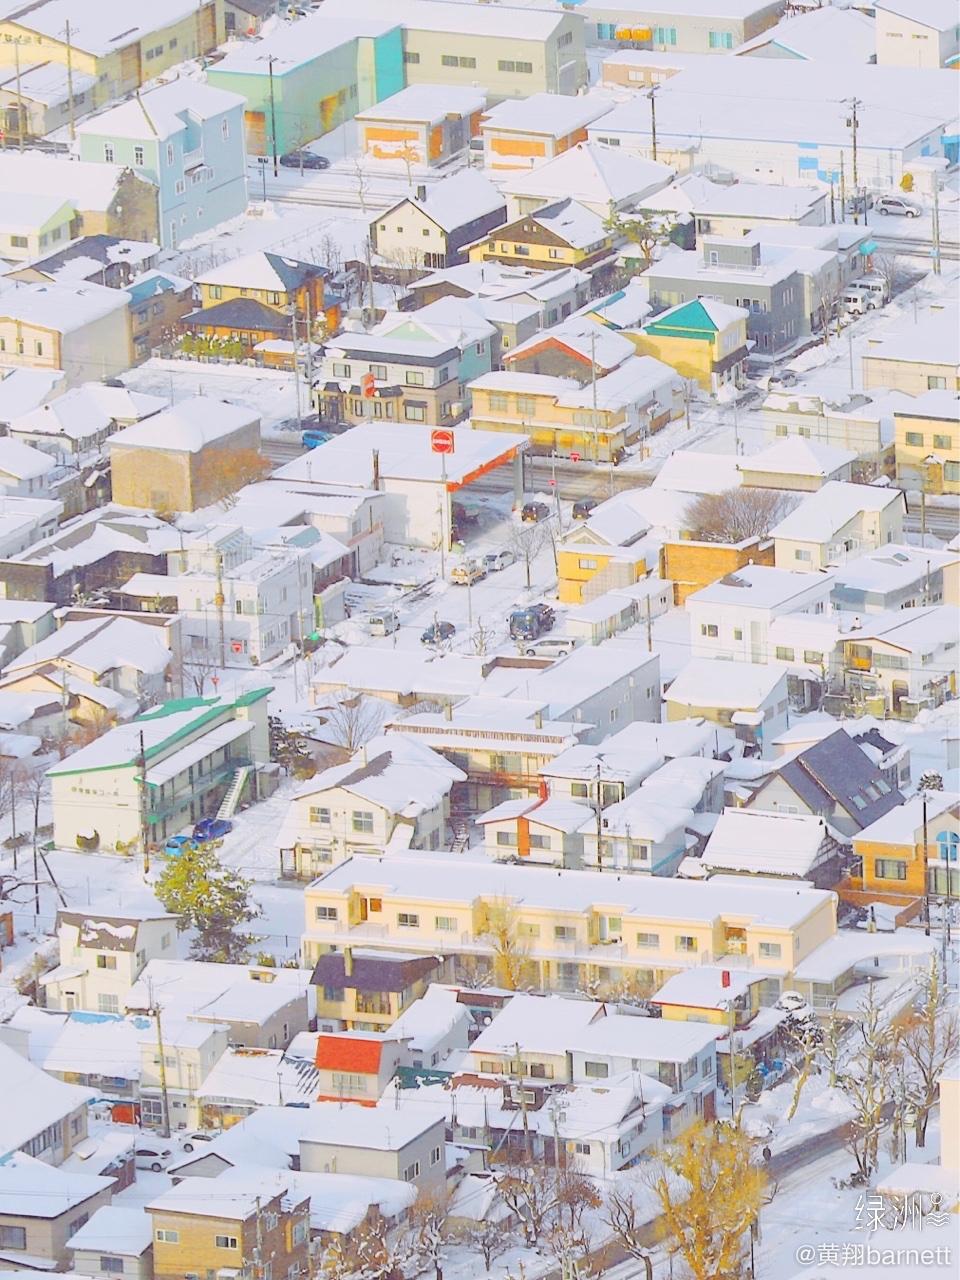 真实存在的动漫世界——日本北海道函馆 拍摄冬季的日本北海道